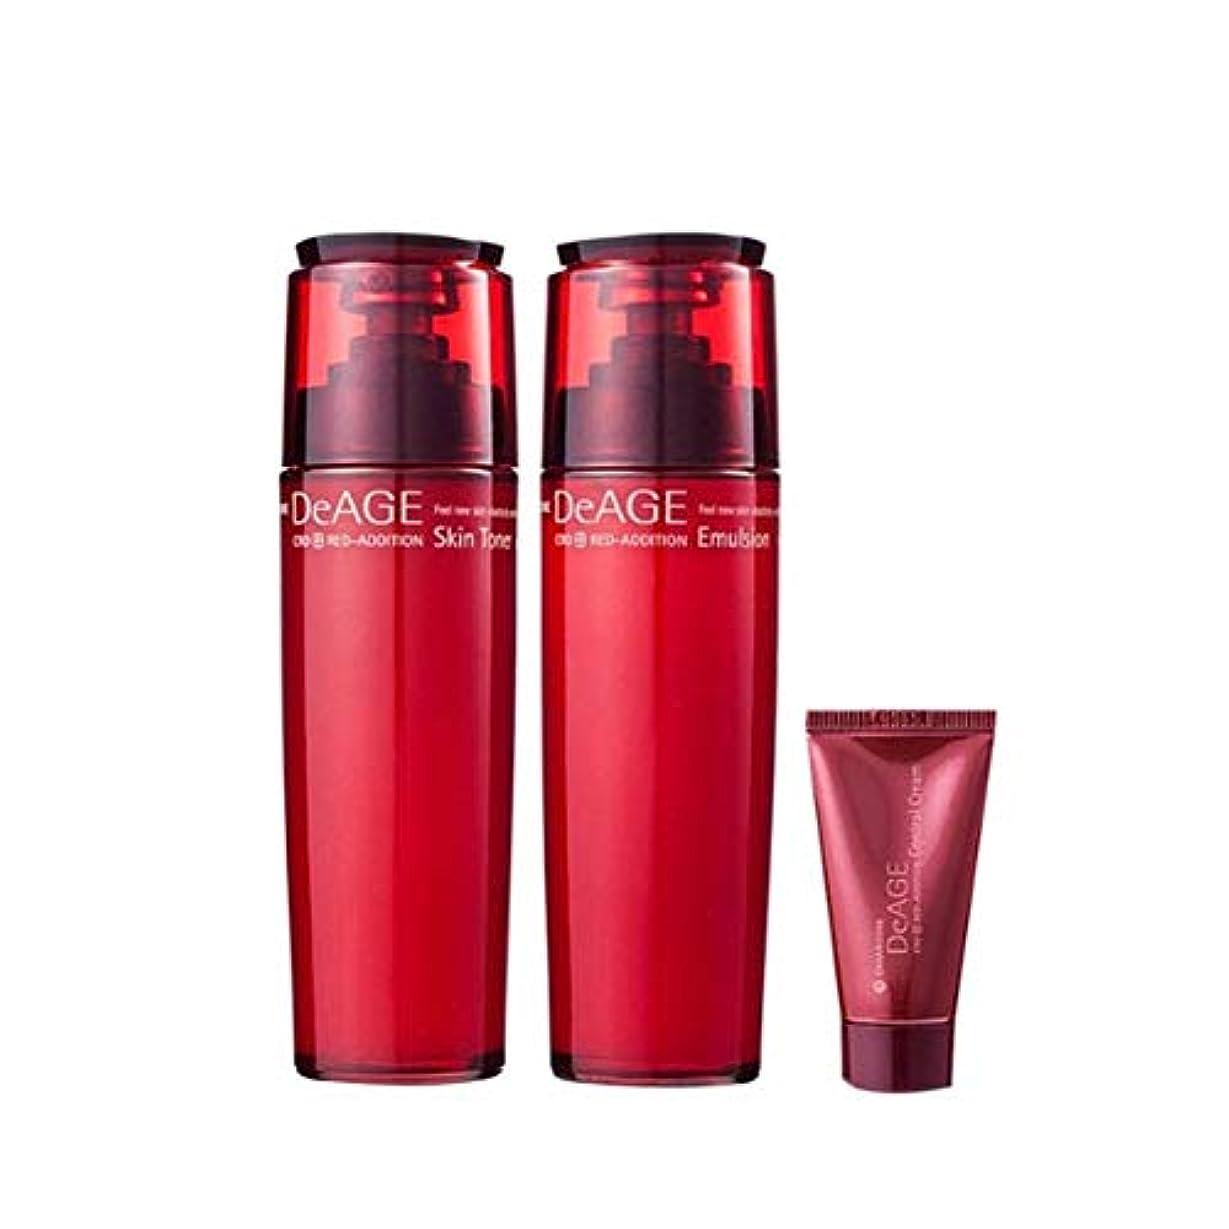 アルコール冷蔵庫麺チャムジョンディエイジレッドエディションセット(スキントナー130ml、エマルジョン130ml、コントロールクリーム15ml)、Charmzone DeAGE Red Addition Set(Skin Toner 130ml、Emulsion 130ml、Control Cream 15ml) [並行輸入品]